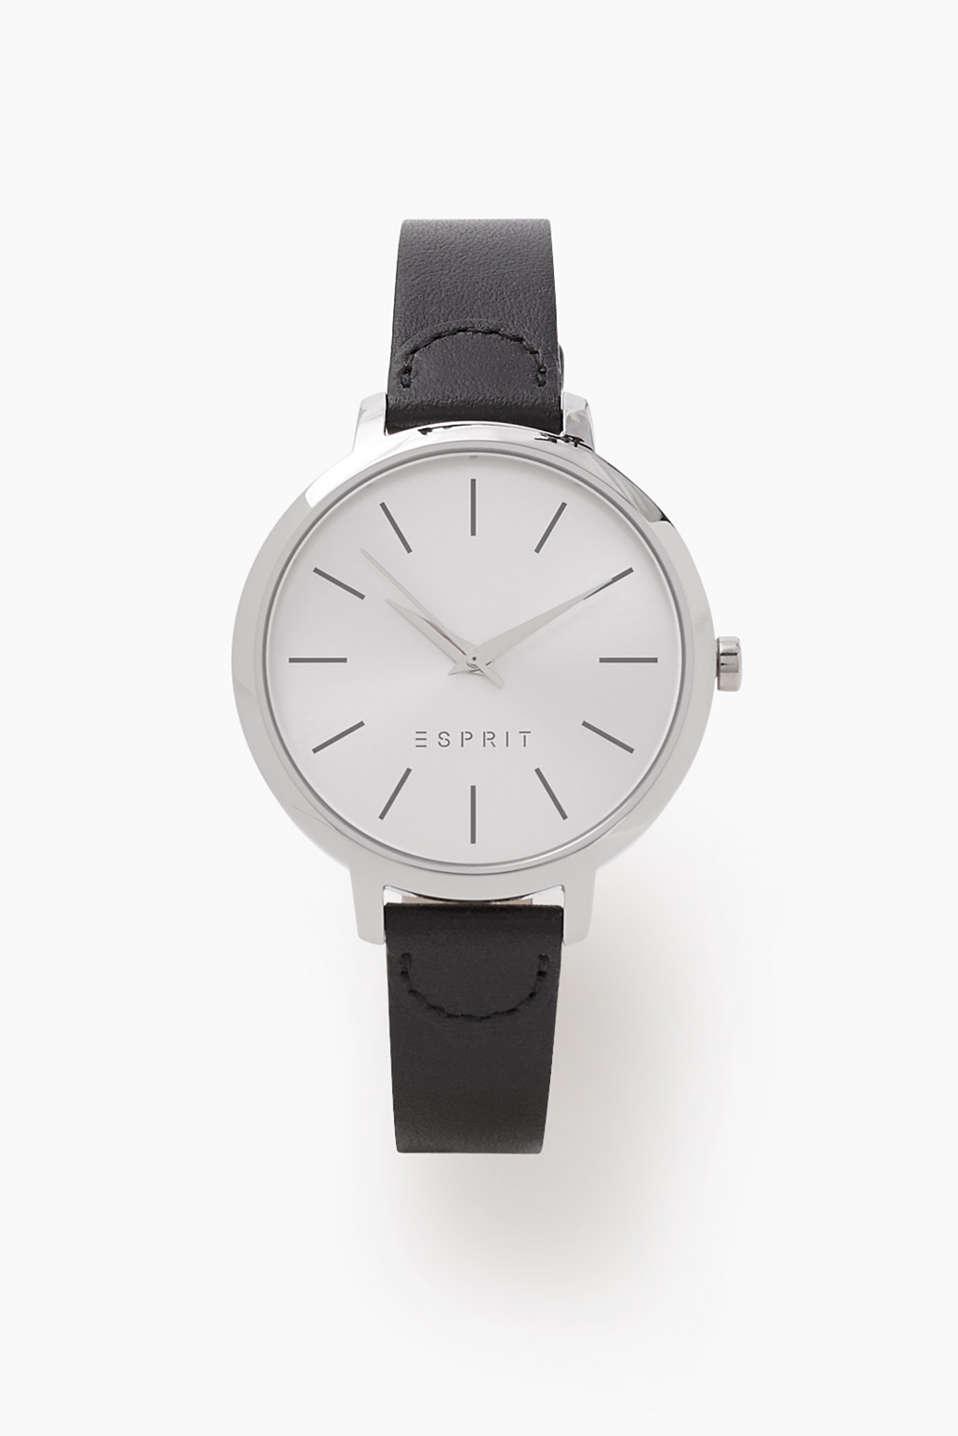 esprit minimalistische uhr mit leder armband im online shop kaufen. Black Bedroom Furniture Sets. Home Design Ideas